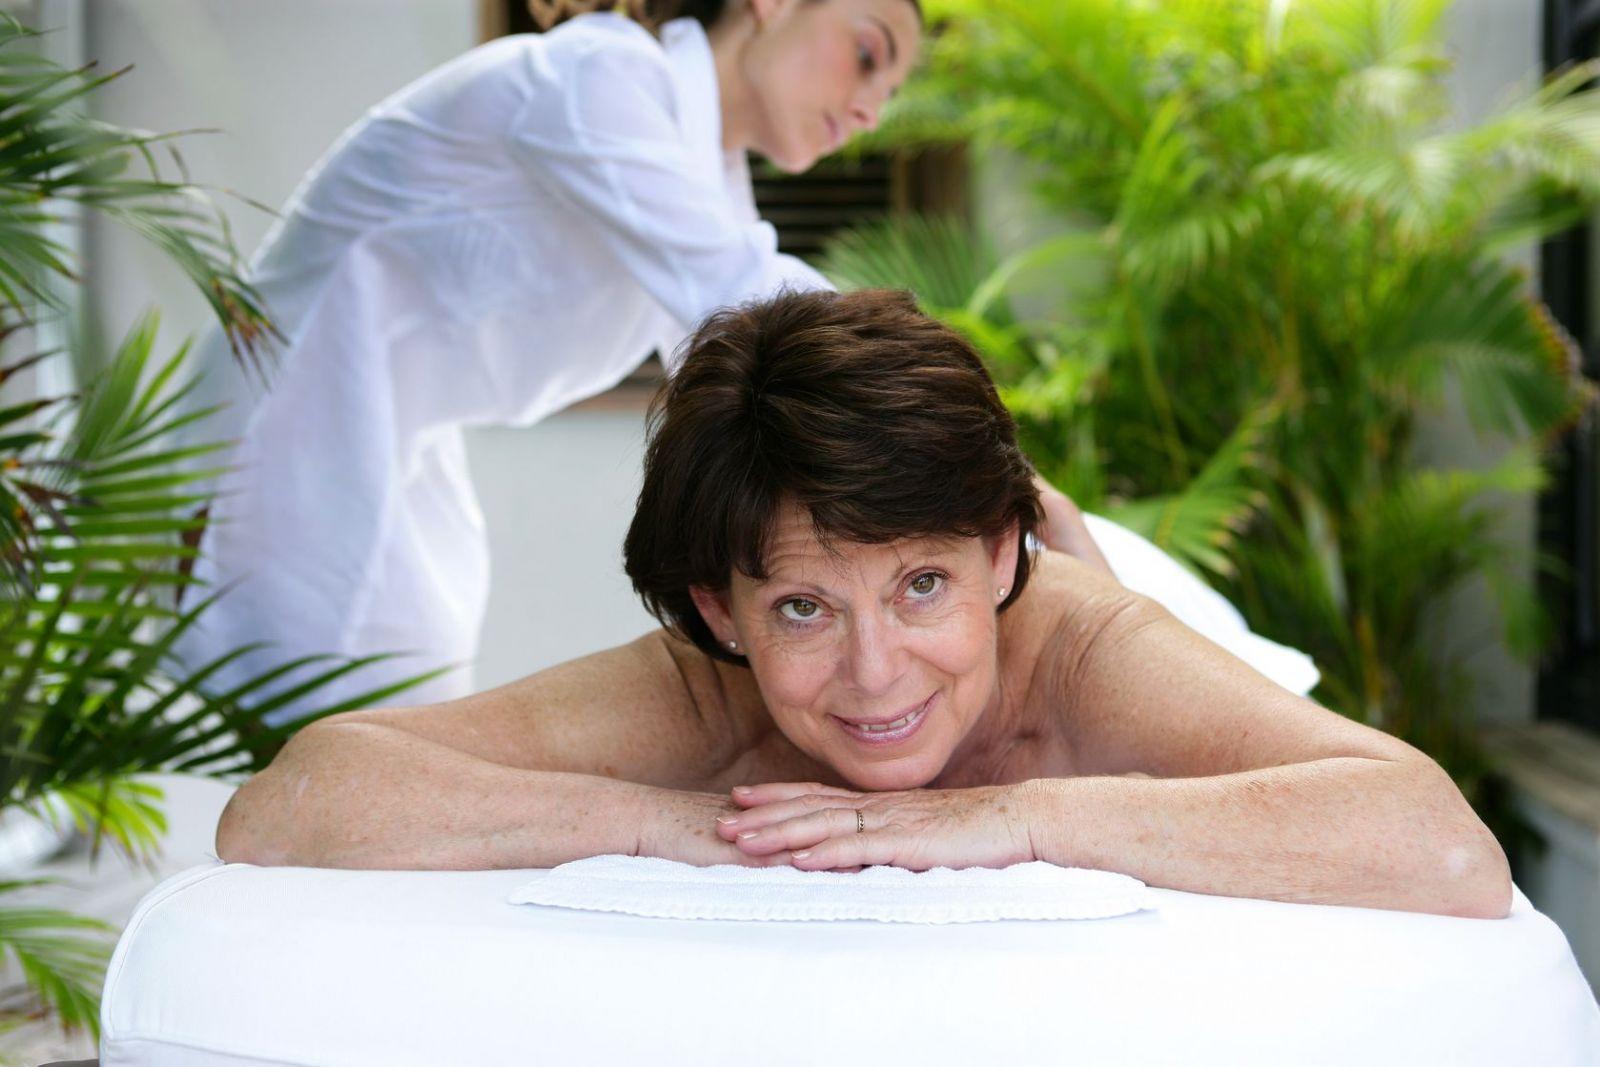 Секс русский с зрелой после массажа, массаж зрелых: смотреть русское порно видео онлайн 2 фотография